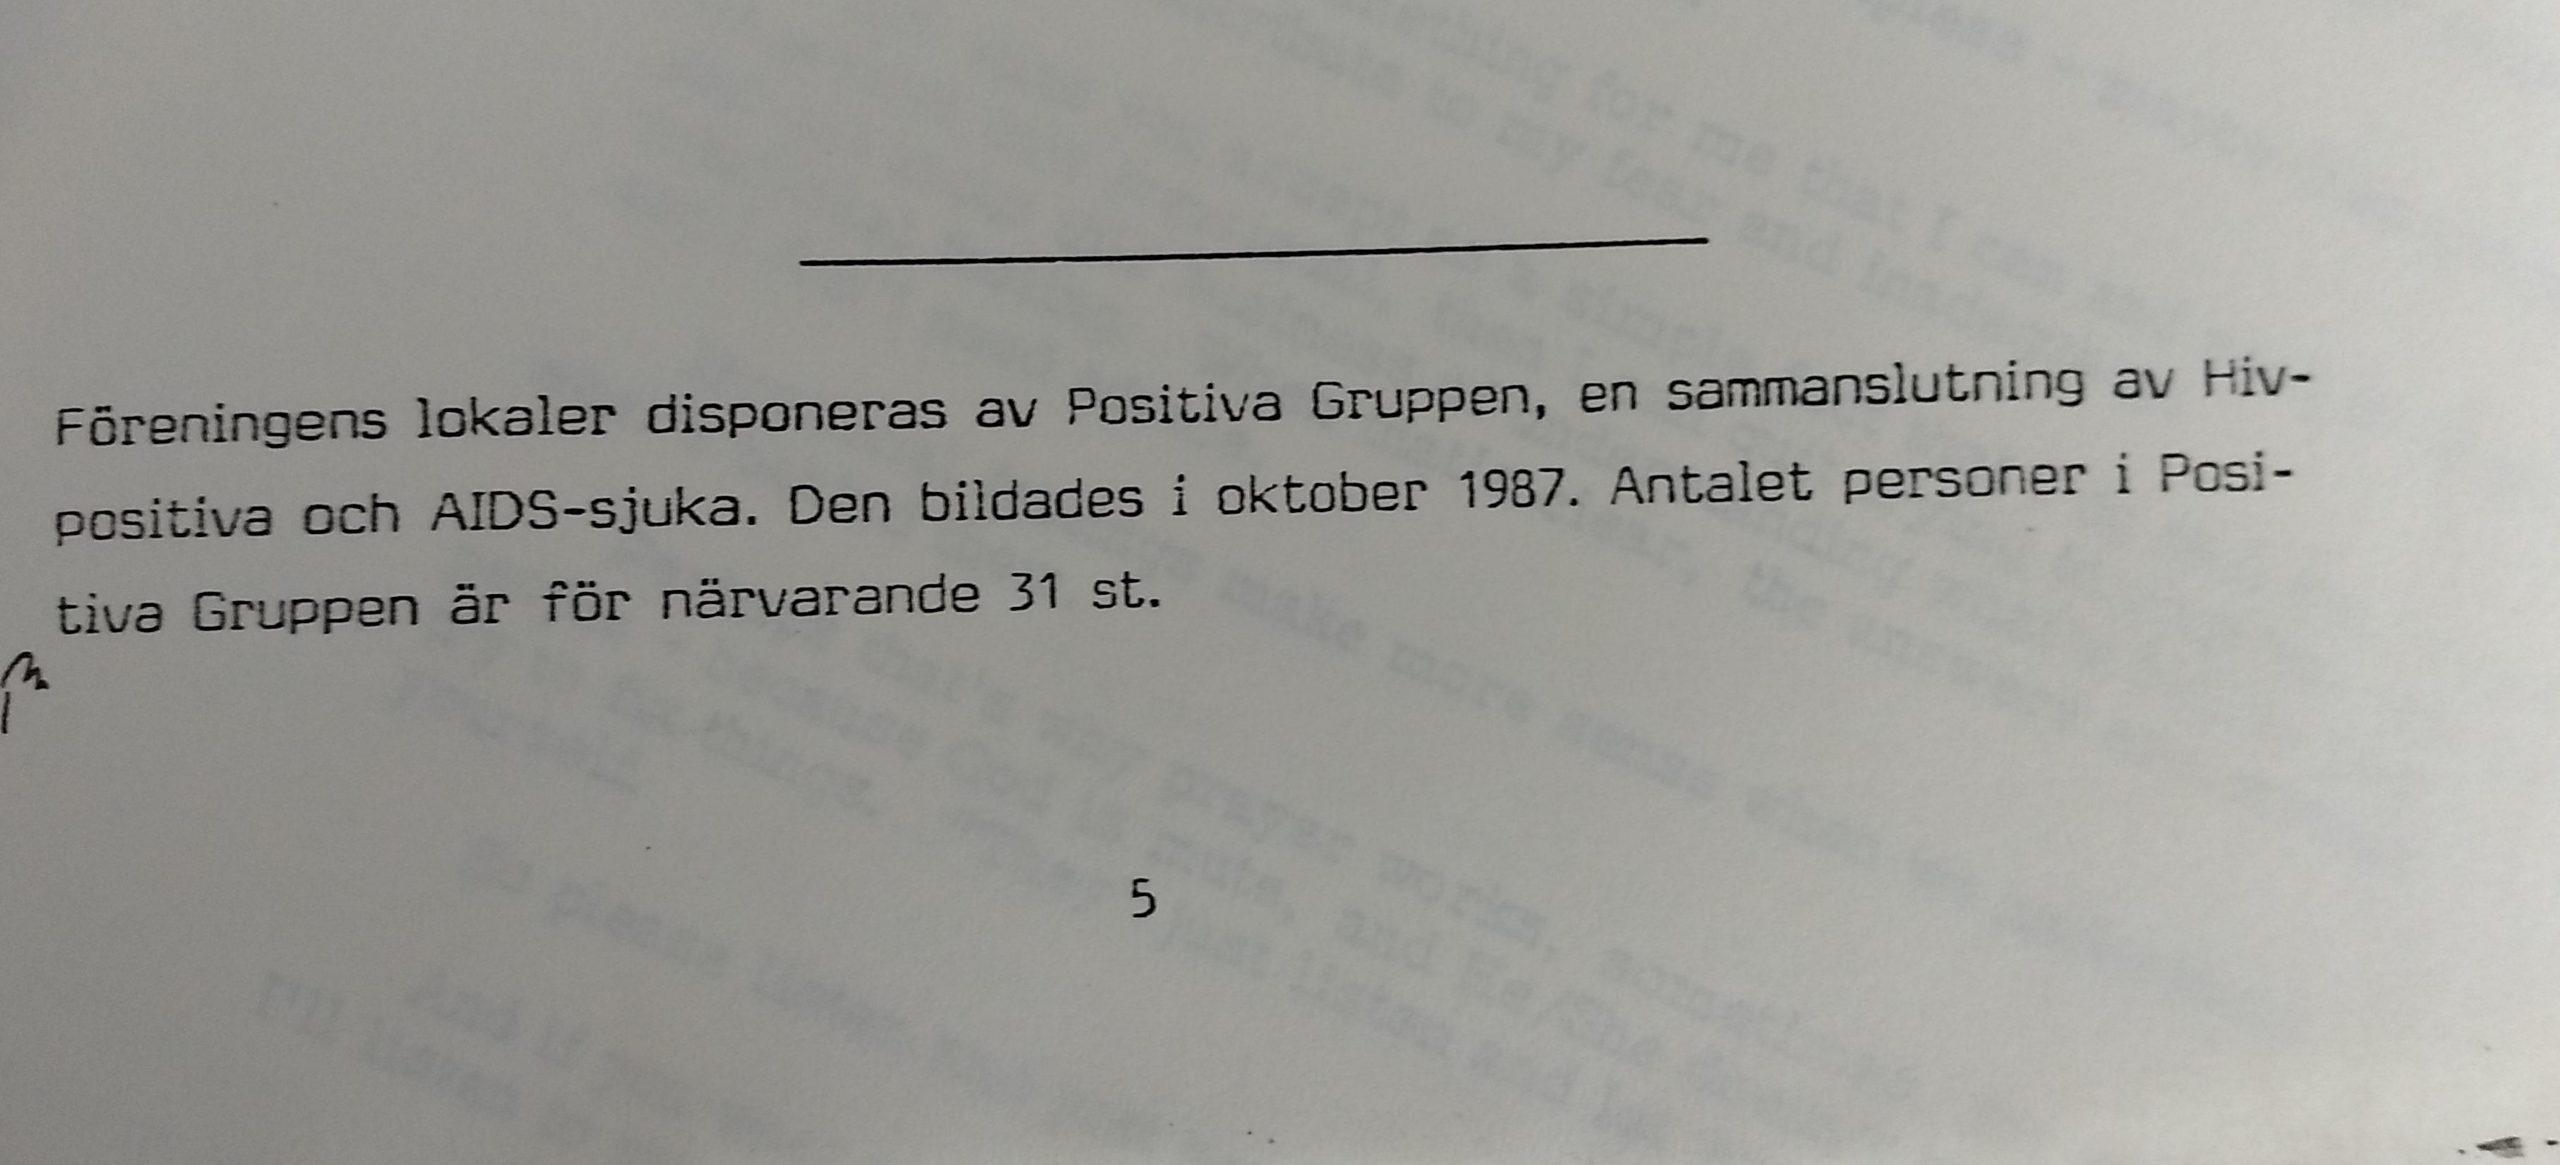 1987-1988 protokoll